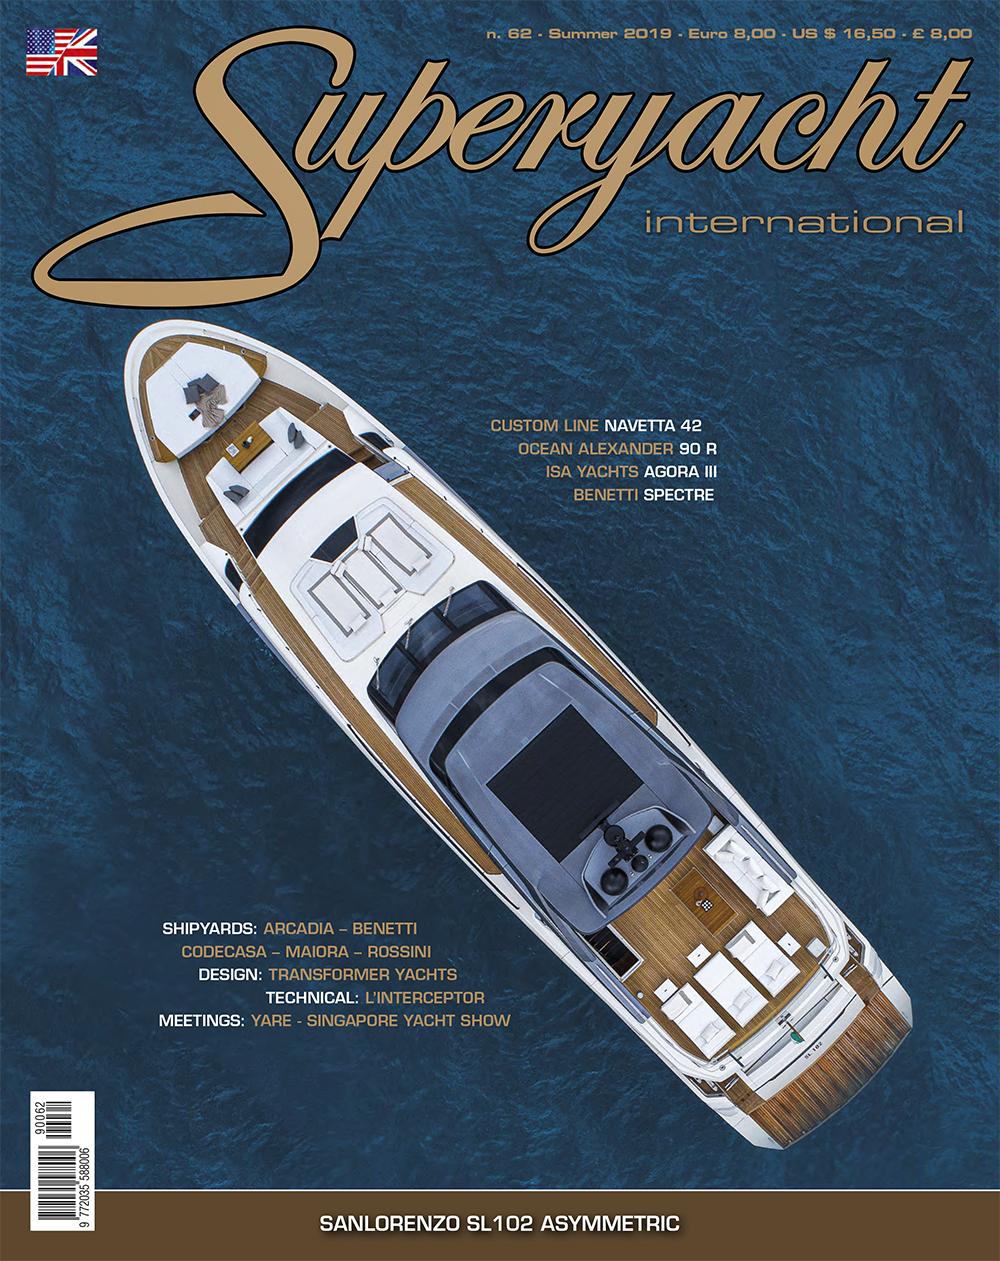 Superyacht 62 copertina